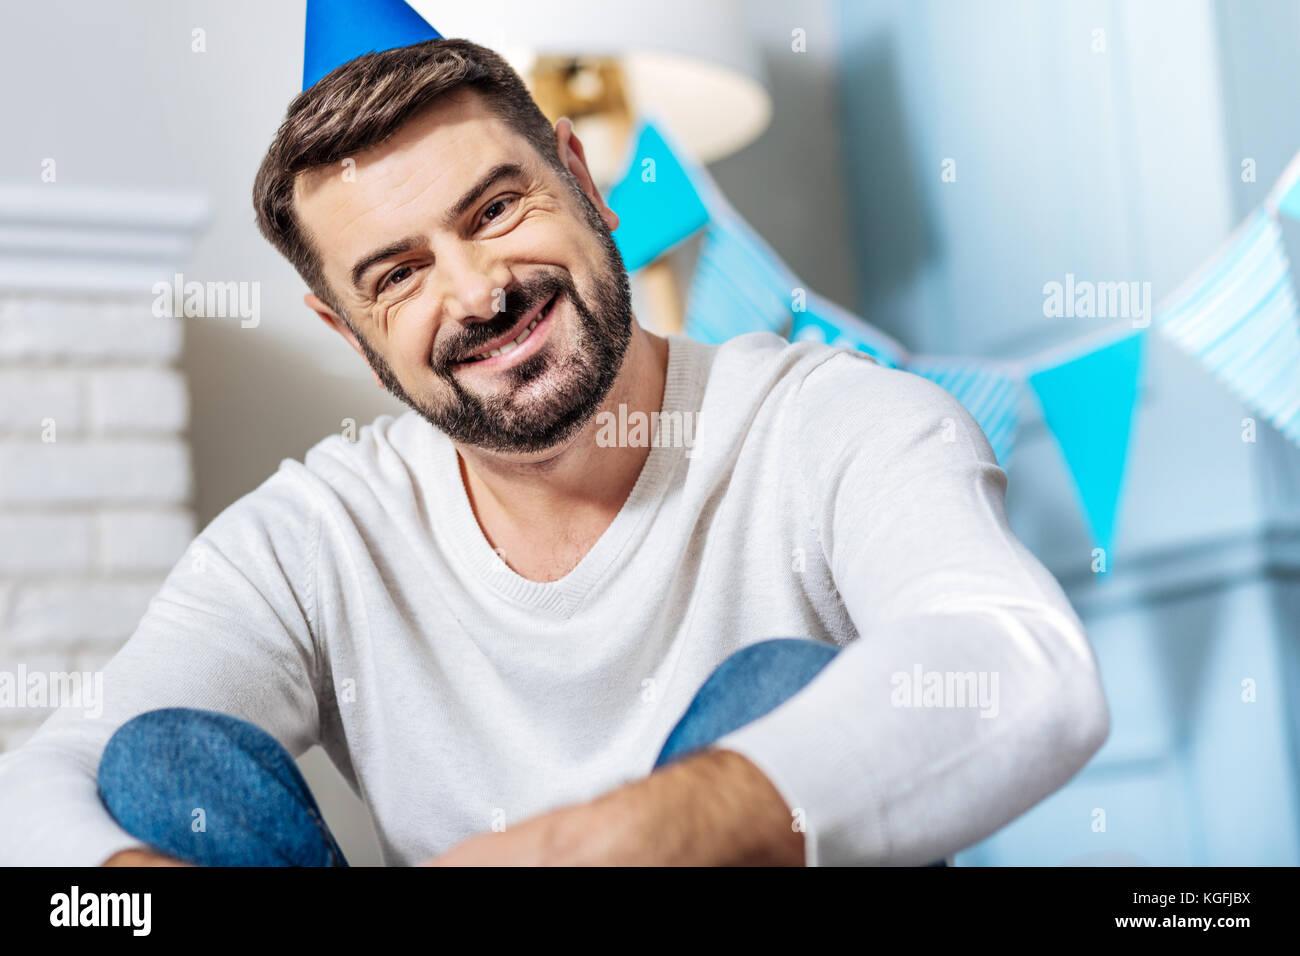 Angenehme bärtiger Mann feiern eine Party Stockbild